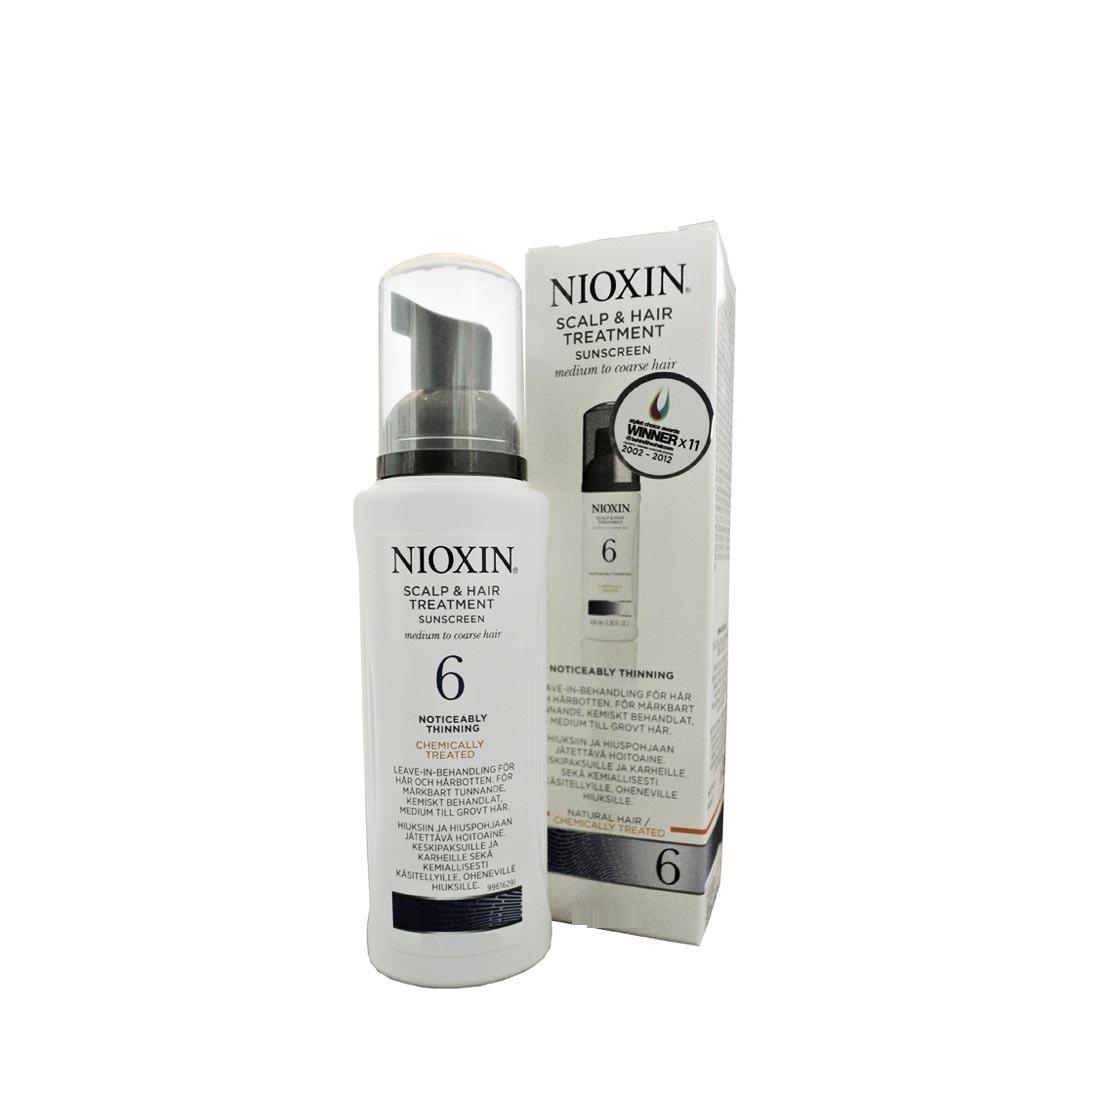 Nioxin Scalp Treatment System 6 - Питательная маска (Система 6) 200 млFS-36054Питательная маска от Ниоксин из системы 6 предназначена для жестких заметно редеющих волос, как натуральных, так и химически обработанных. Средство мягко питает и увлажняет волосы, а также нейтрализует дегидротестостерон. После применения питательной маски от Nioxin волосы становятся эластичными и гладкими, сильными и блестящими, красивыми и здоровыми.